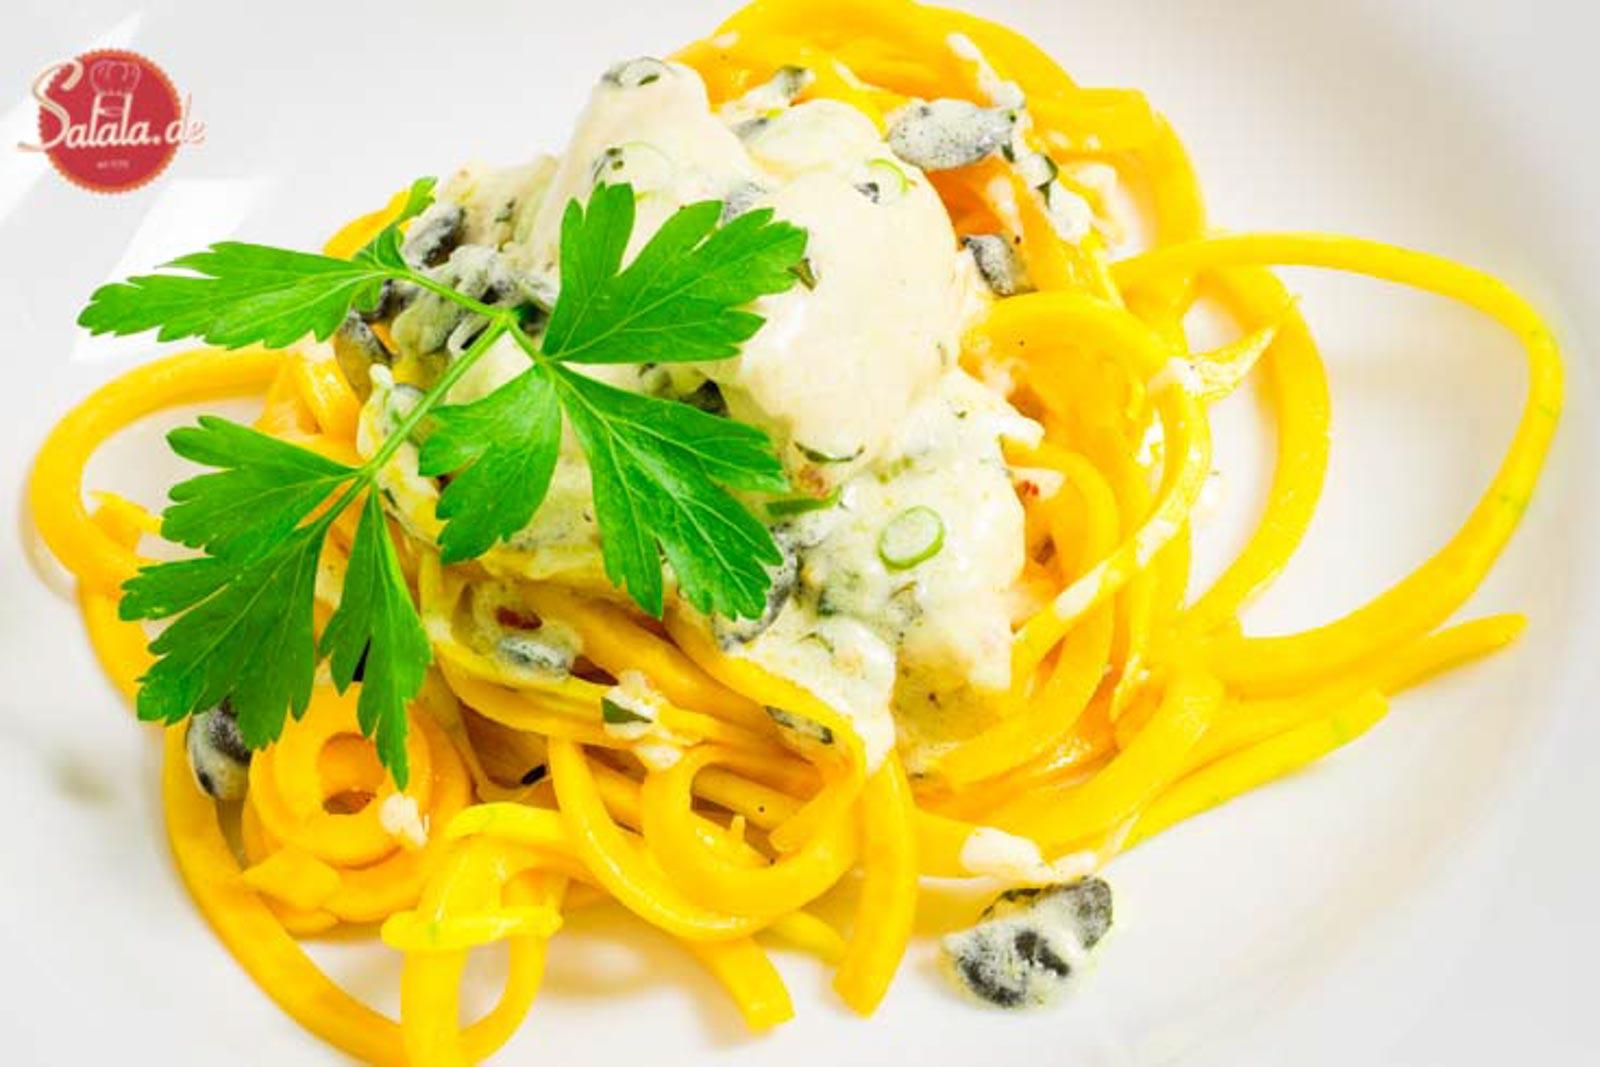 Kürbisnudeln mit Knoblauch Hähnchen Low Carb Pasta Rezept salala.de - cremig und aromatisch